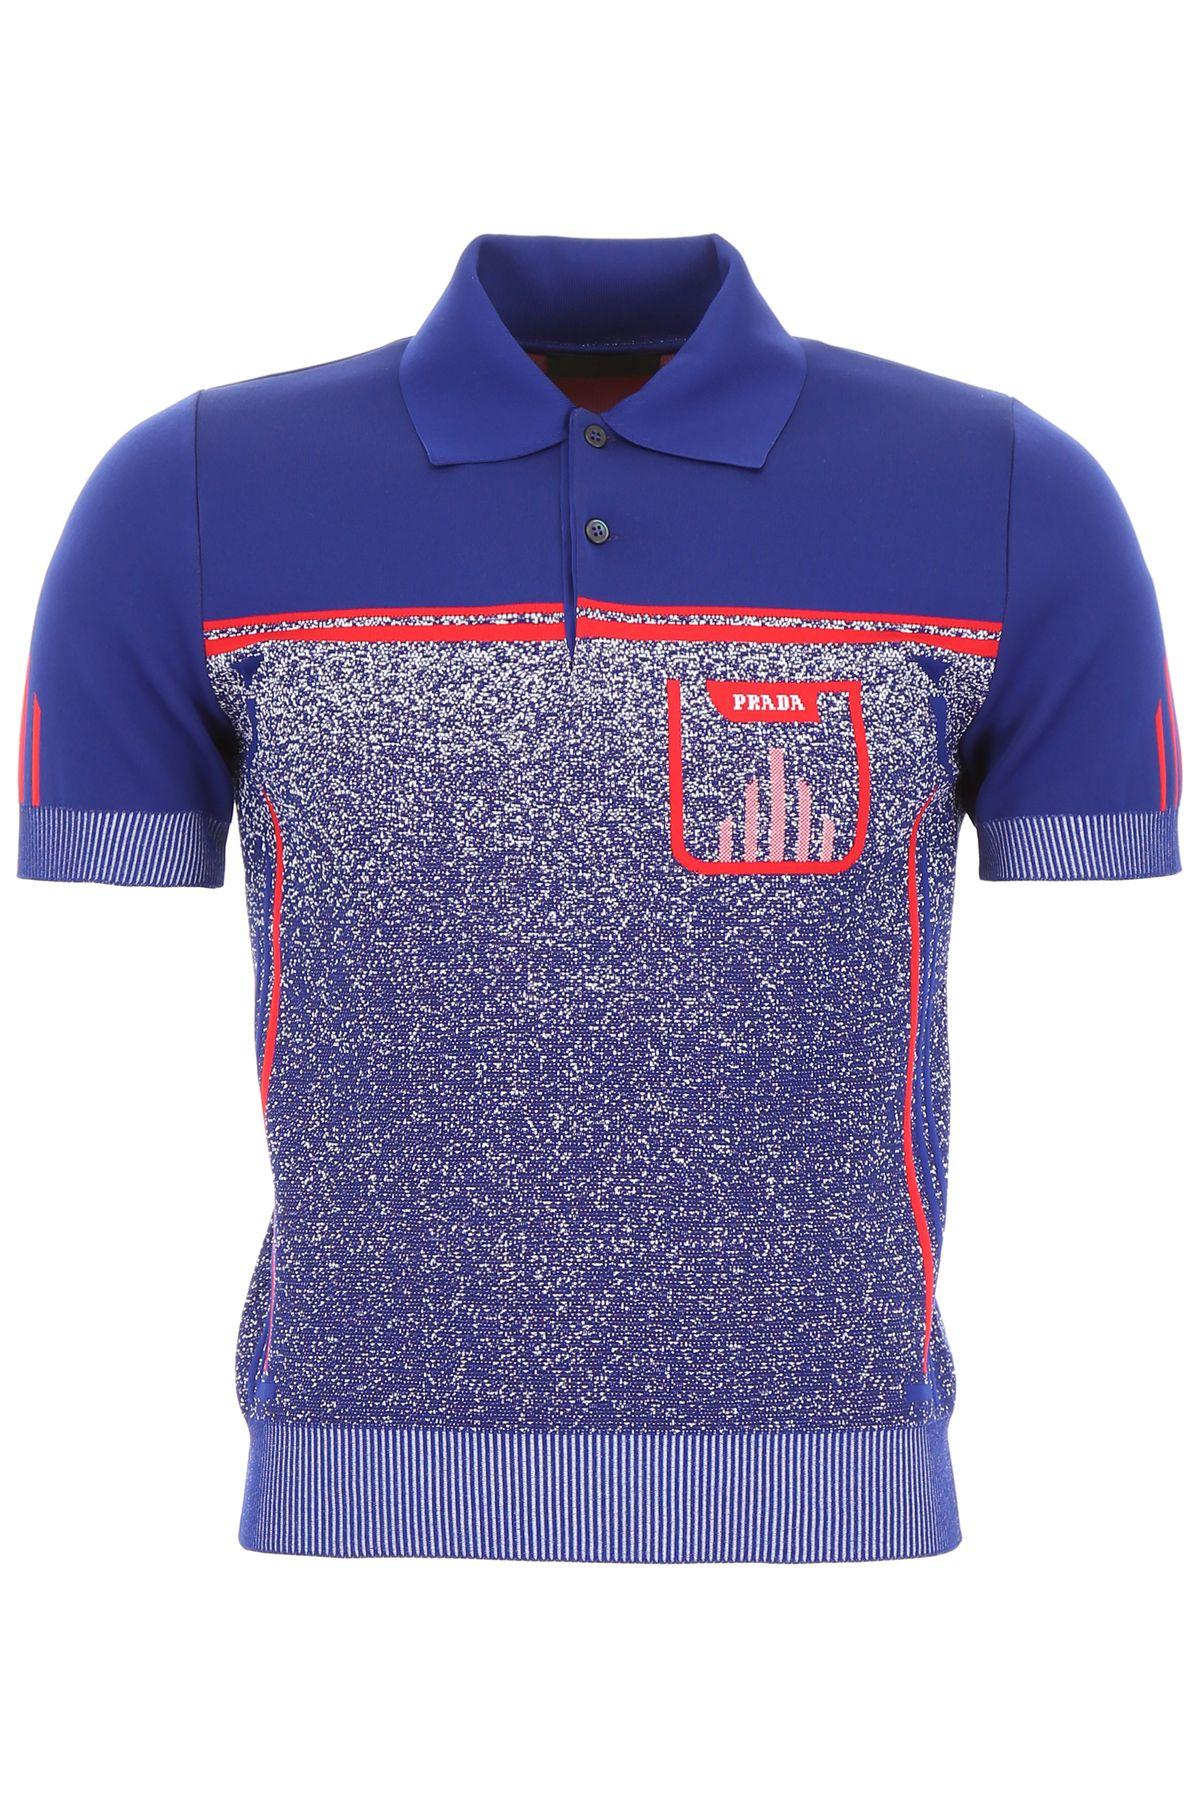 Prada Mouliné Polo Shirt